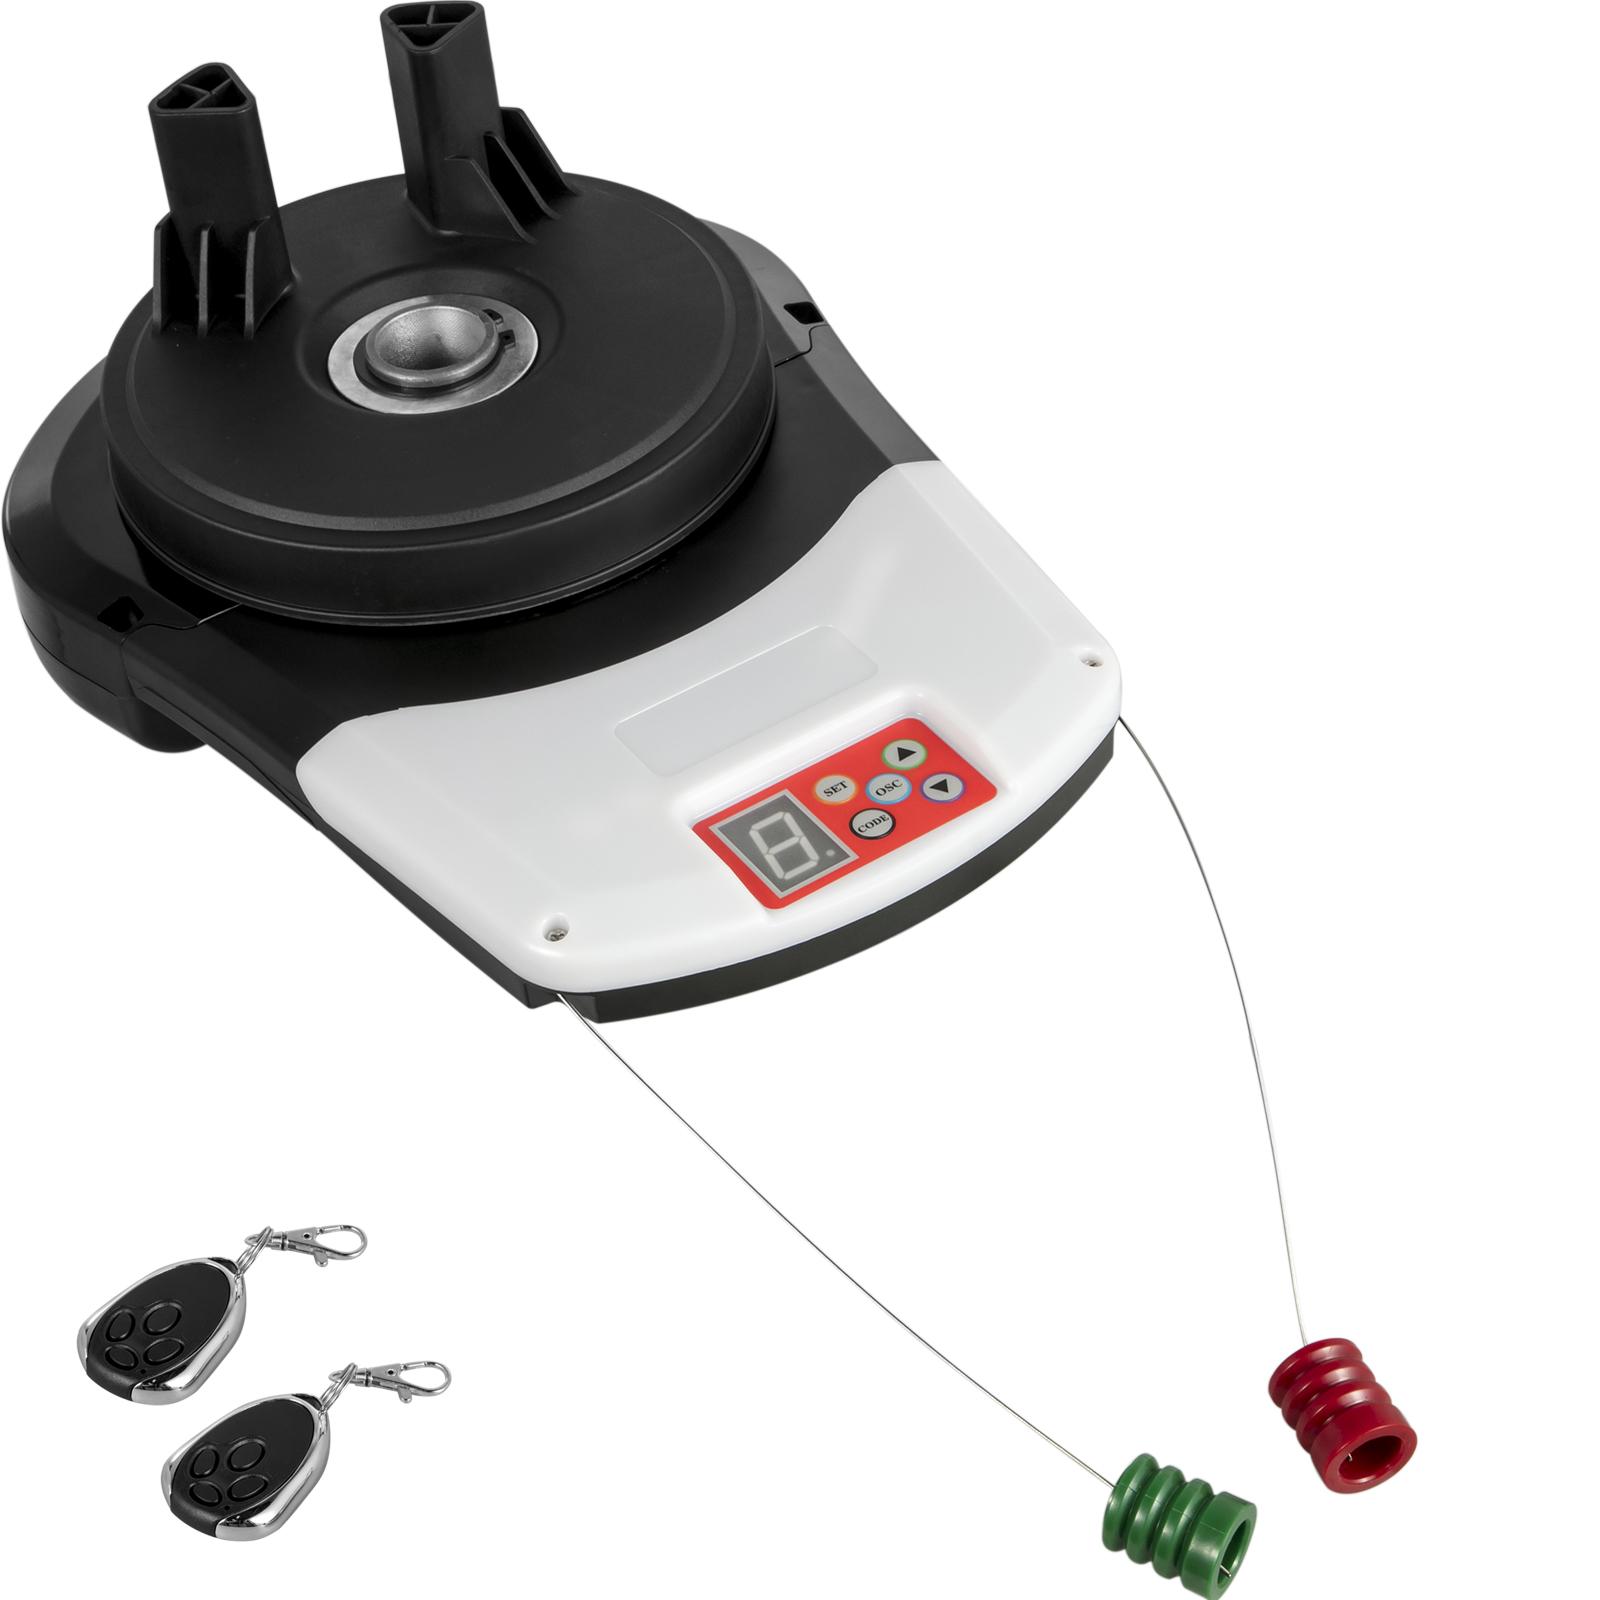 Automatic Garage Roller Remote Door Opener Stable DC Motor